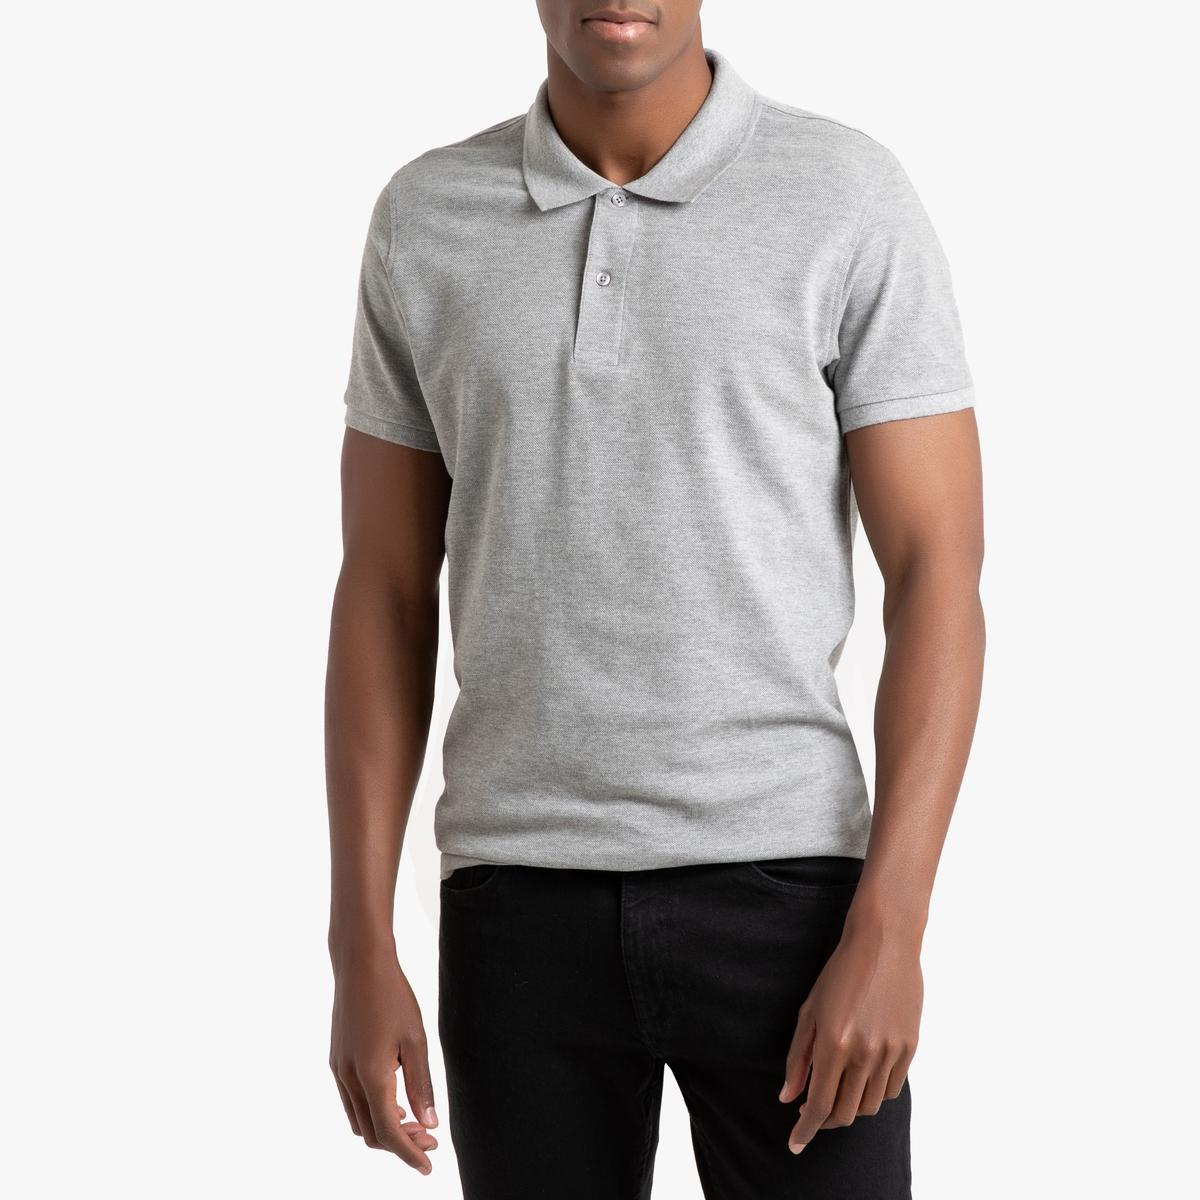 Футболка-поло LaRedoute Из хлопкового трикотажа пике Tom XL серый футболка поло la redoute прямого покроя из трикотажа пике s серый